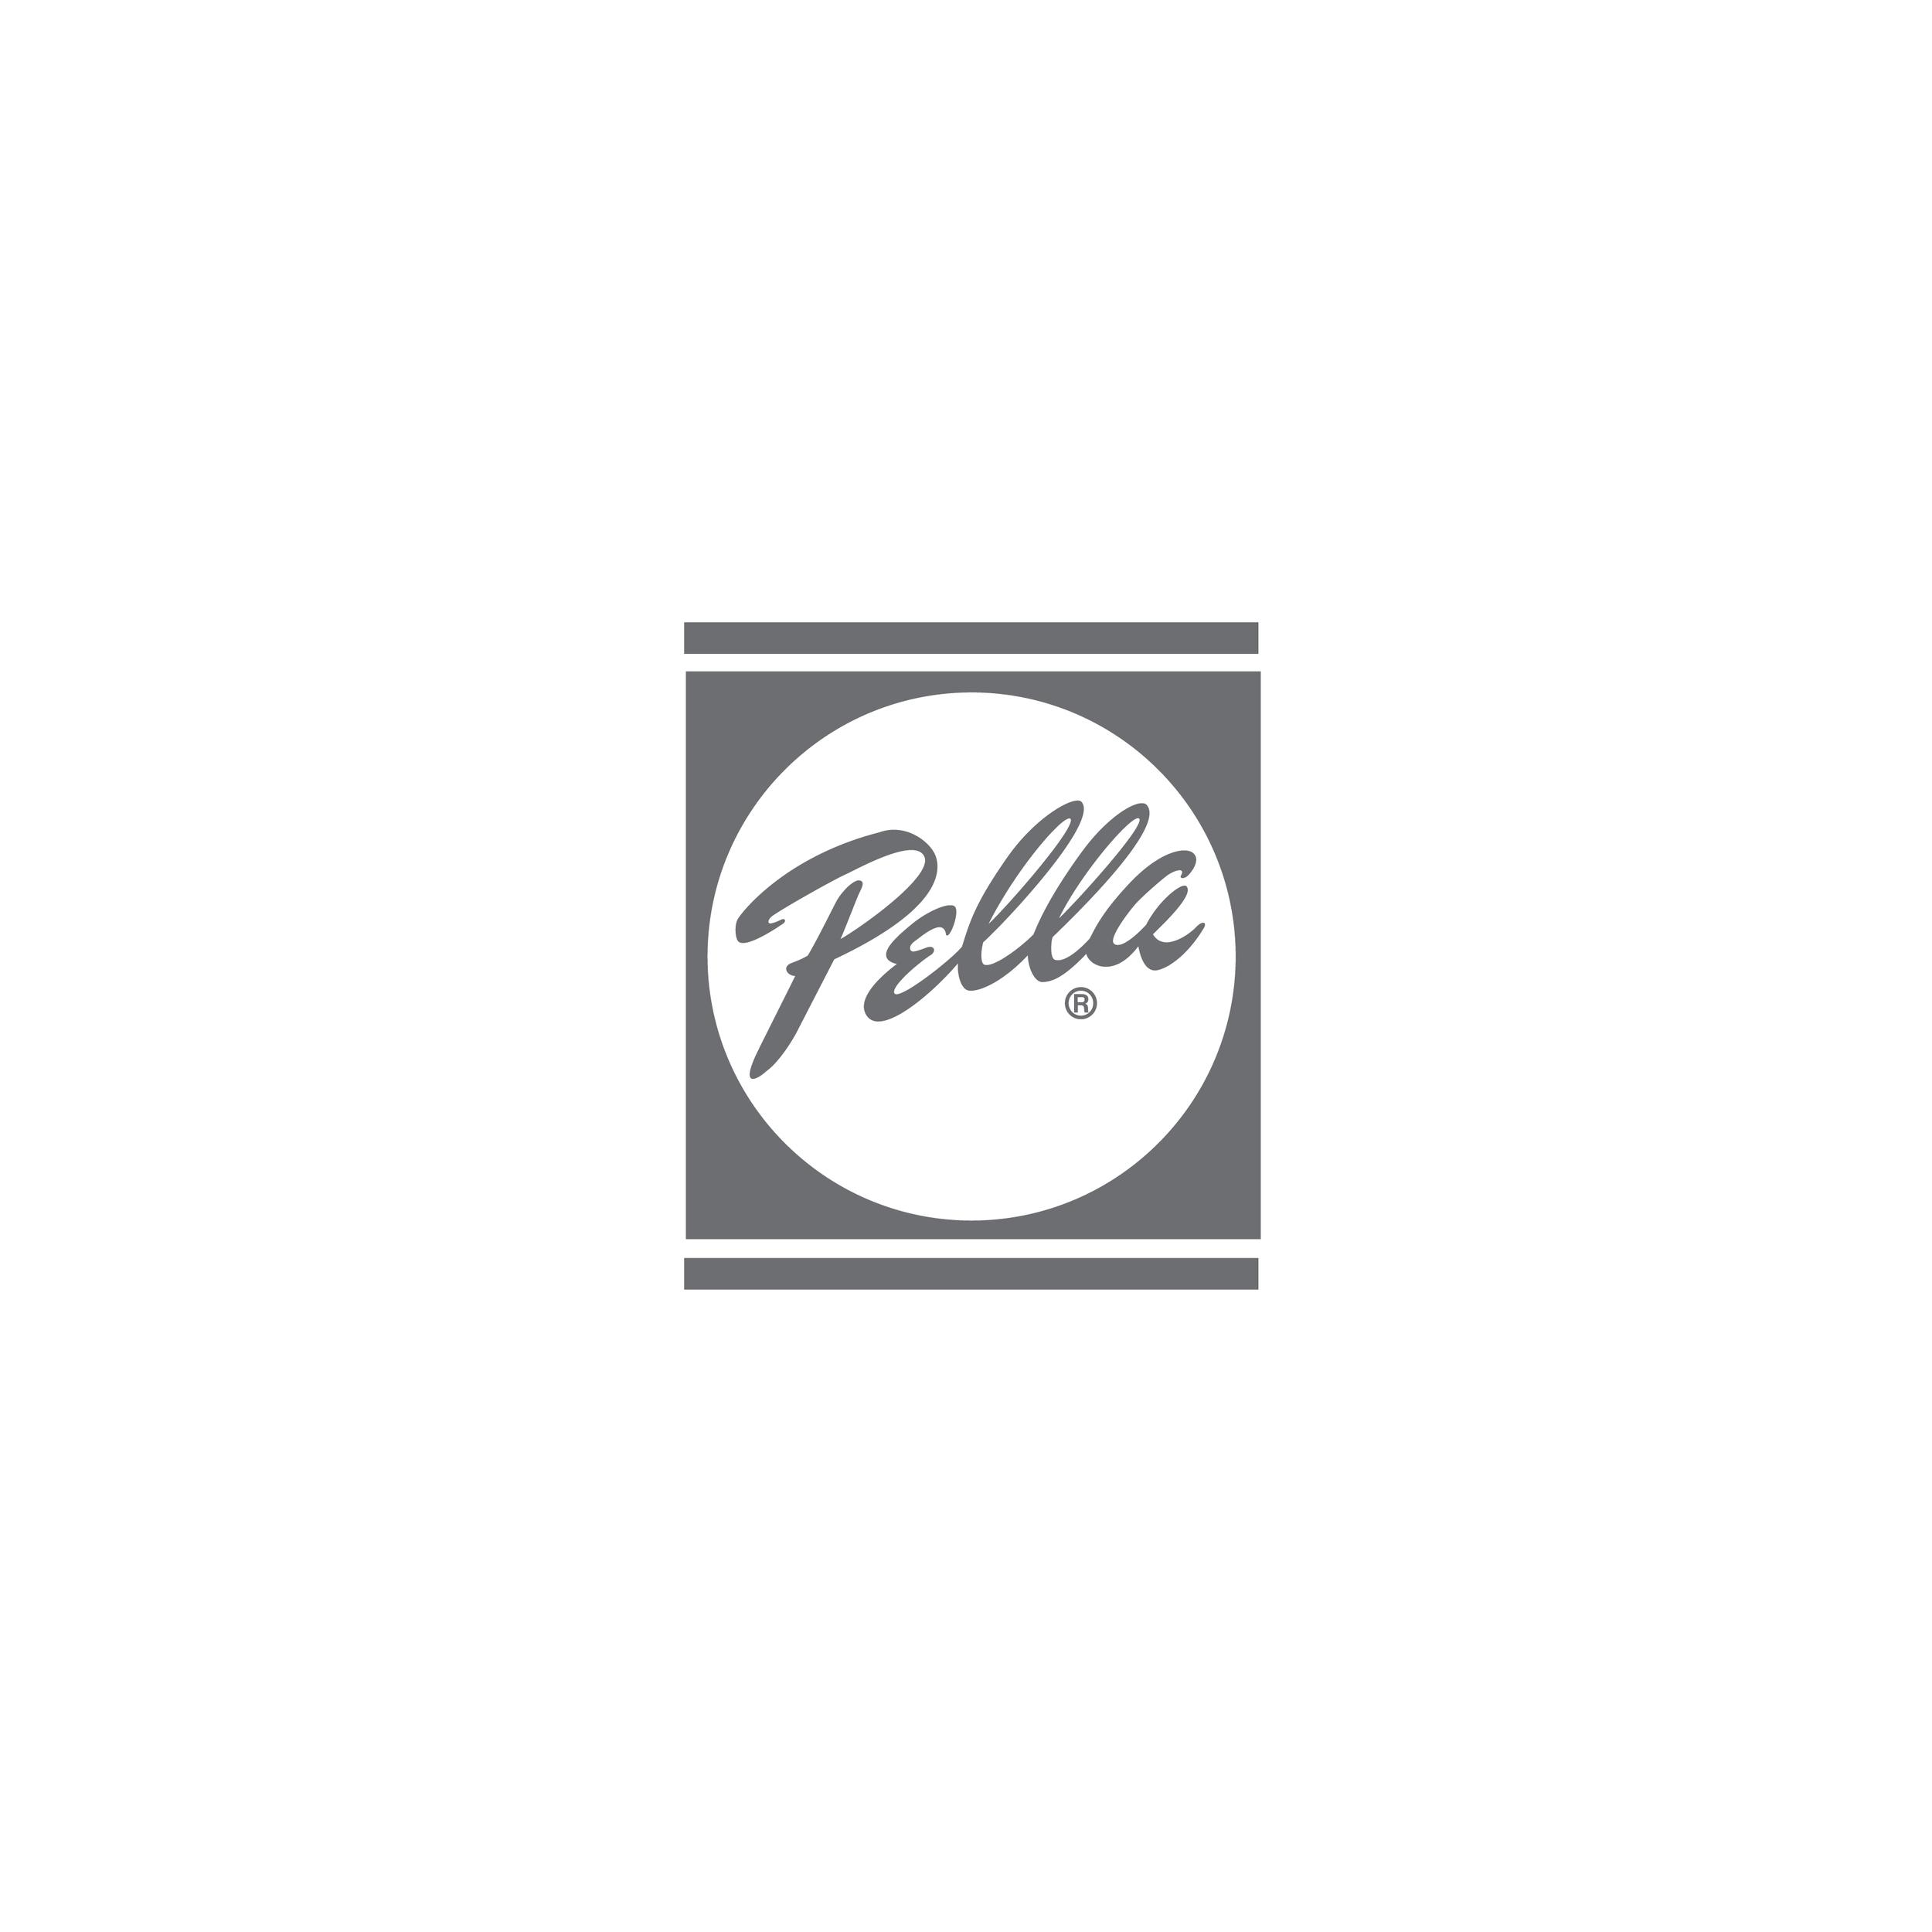 Logo-23-Pella.jpg